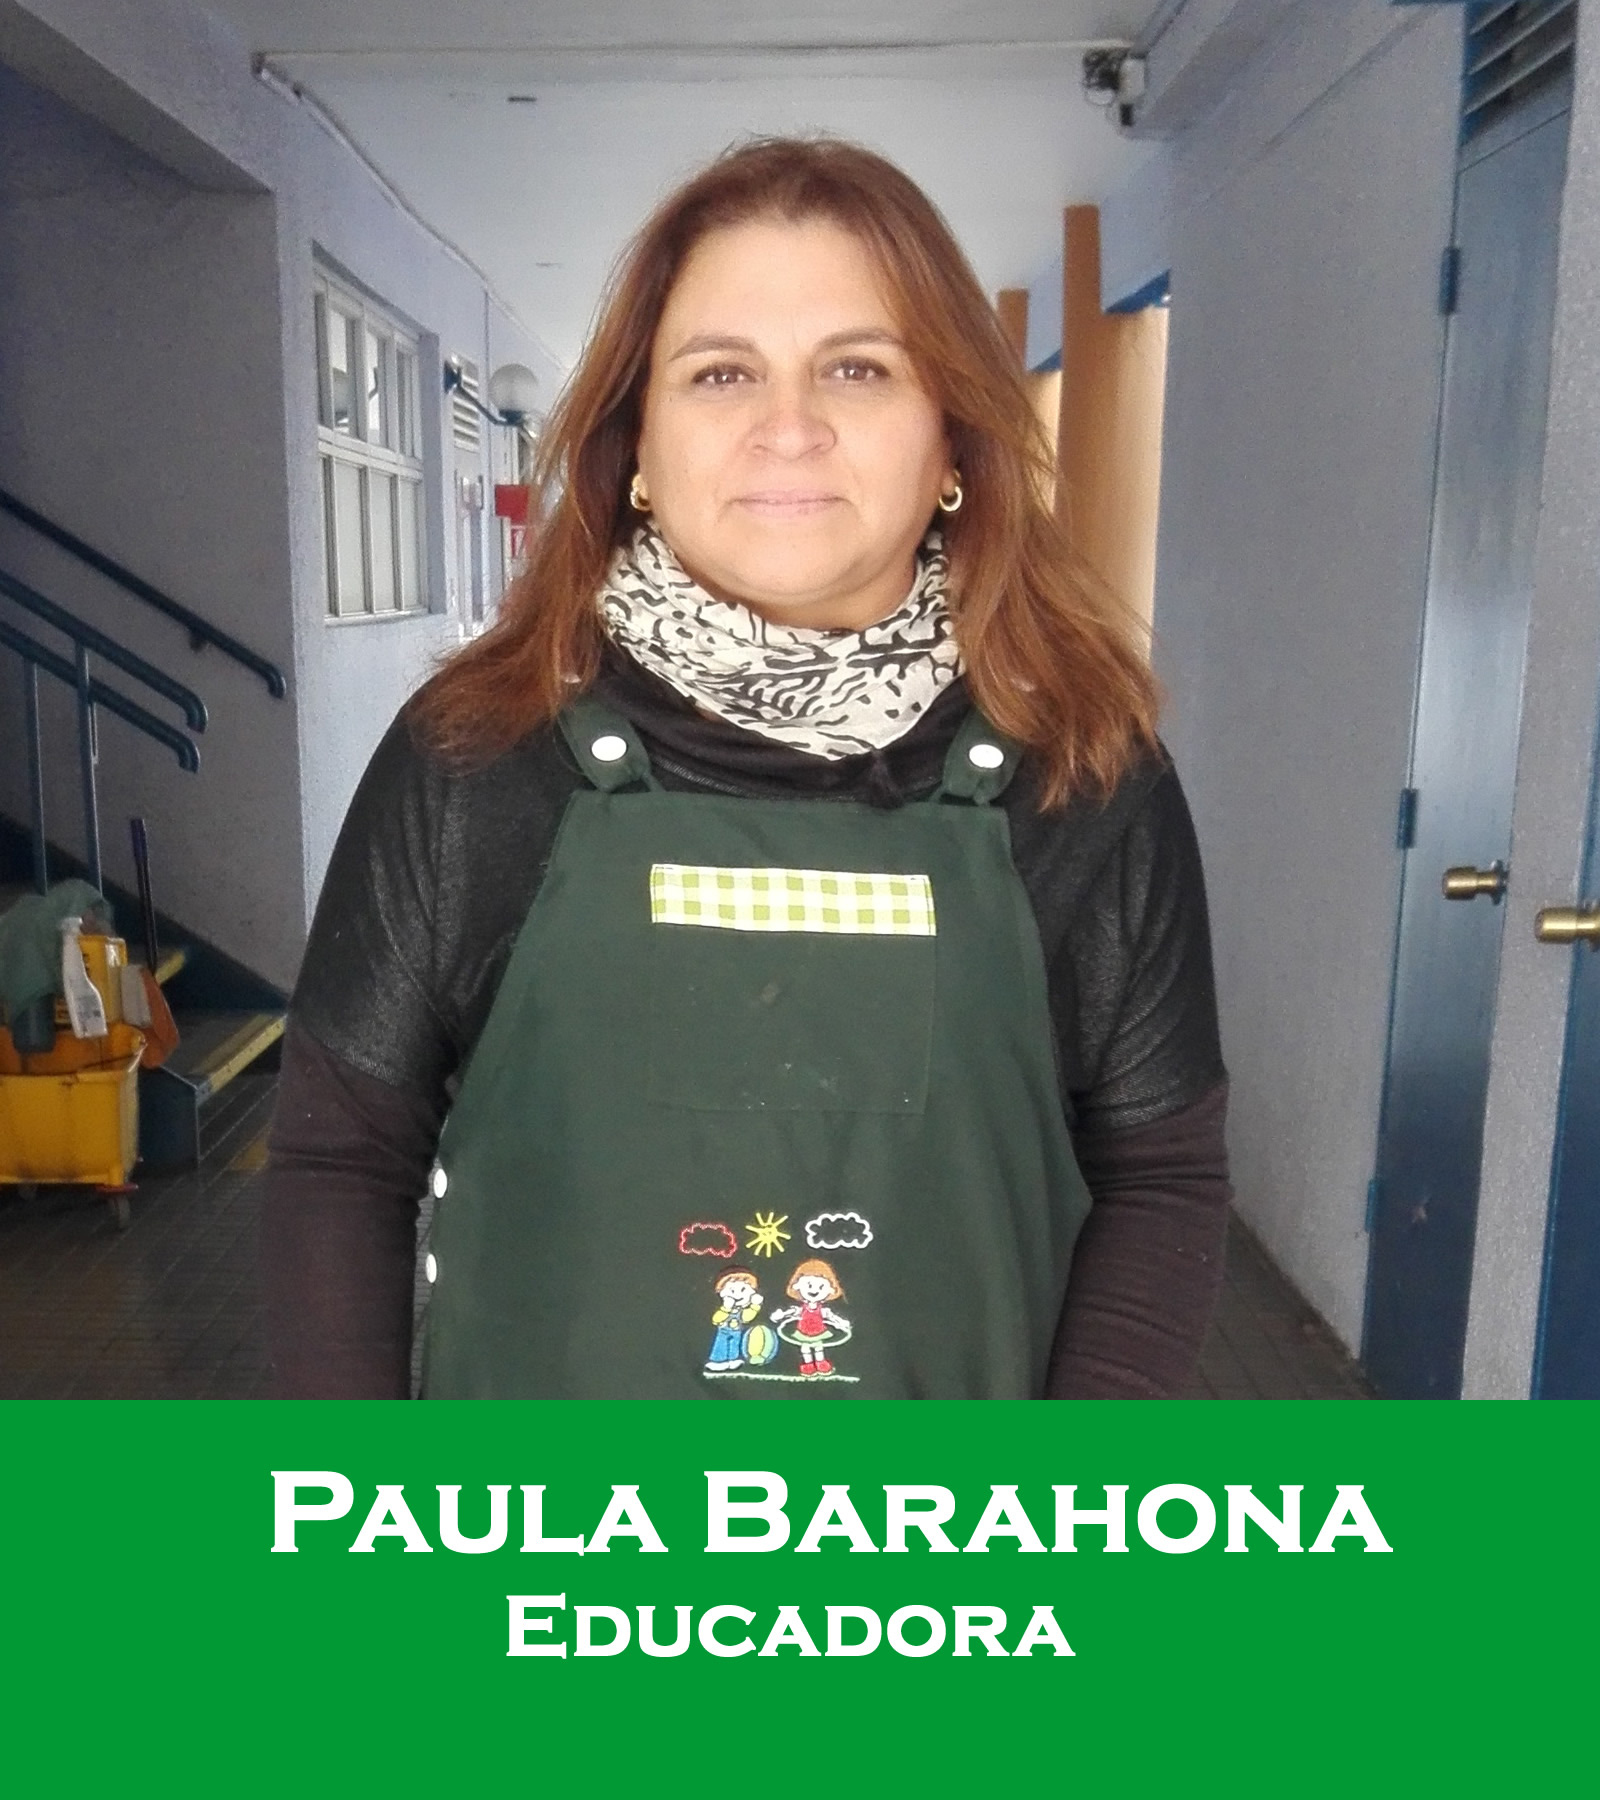 paula-barahona